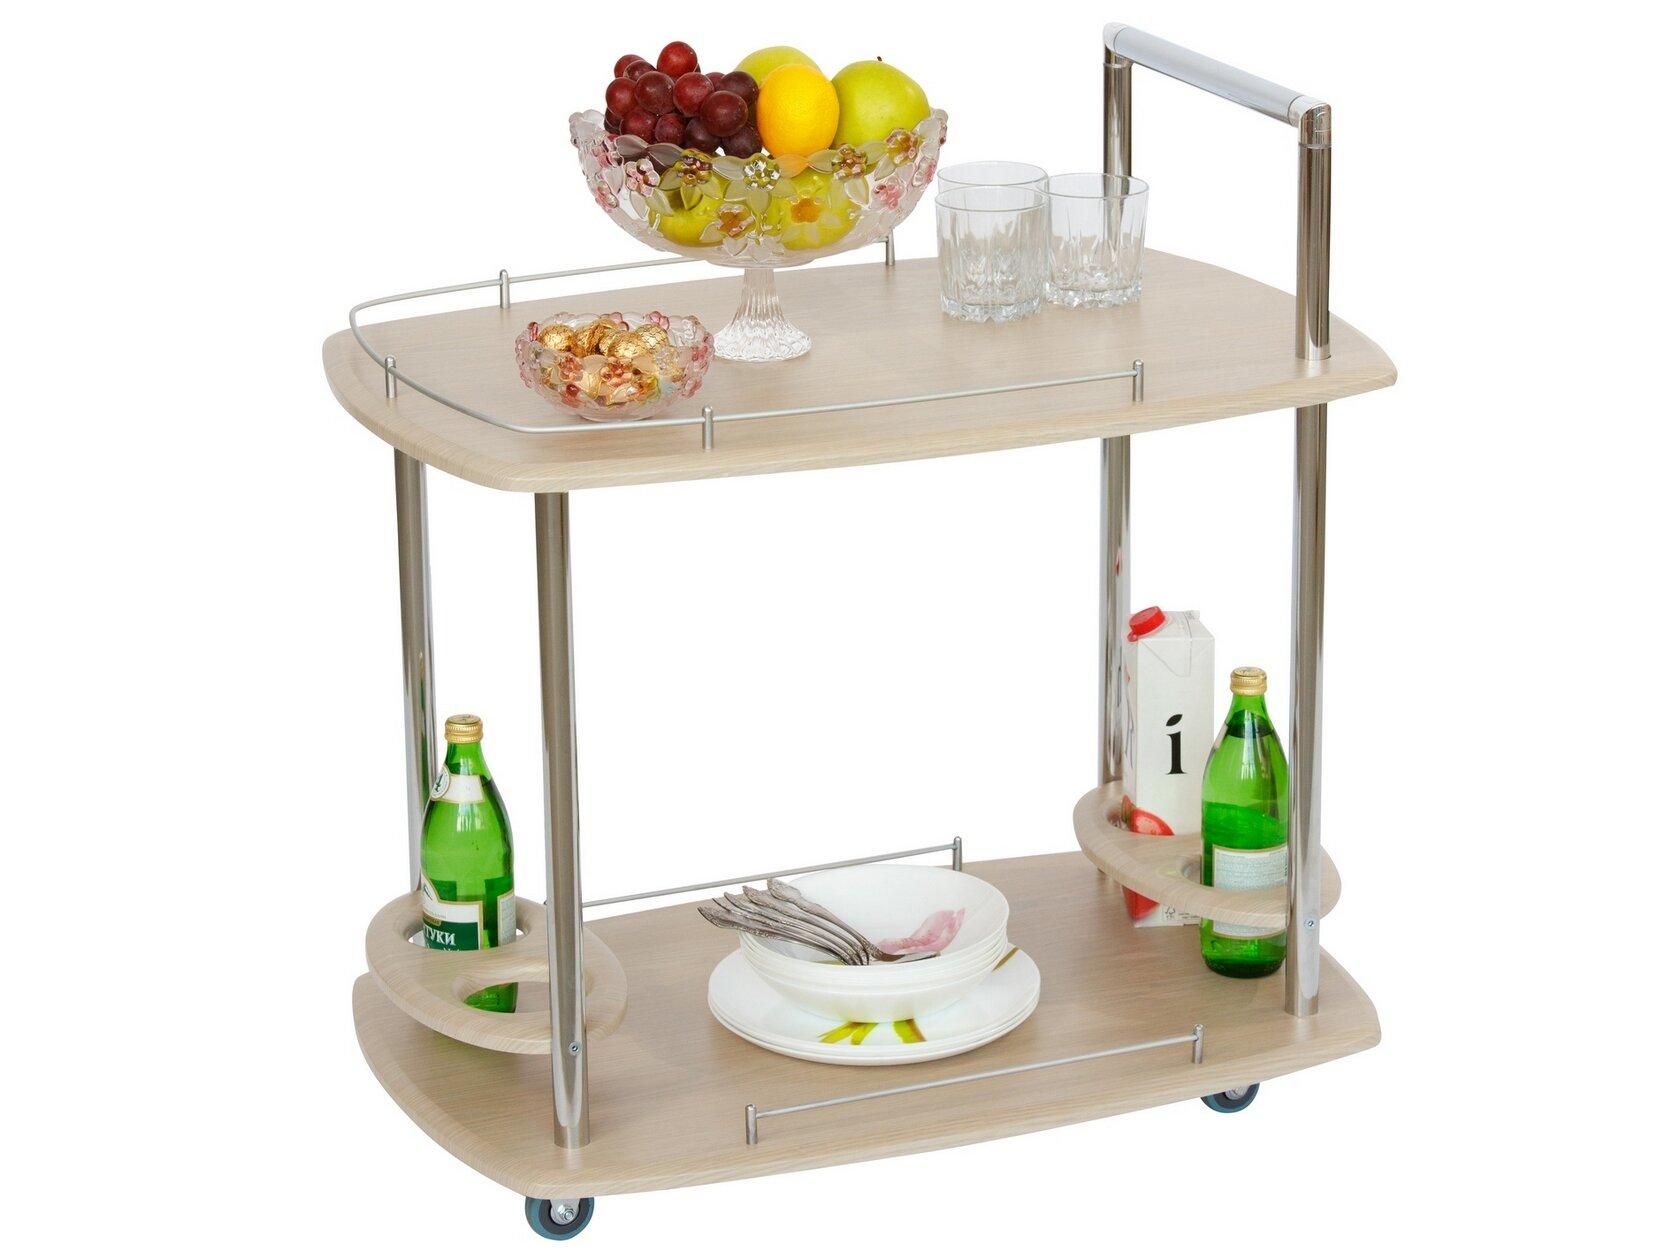 Сервировочный столик Калифорния мебель Стол сервировочный Банкет Светлое дерево